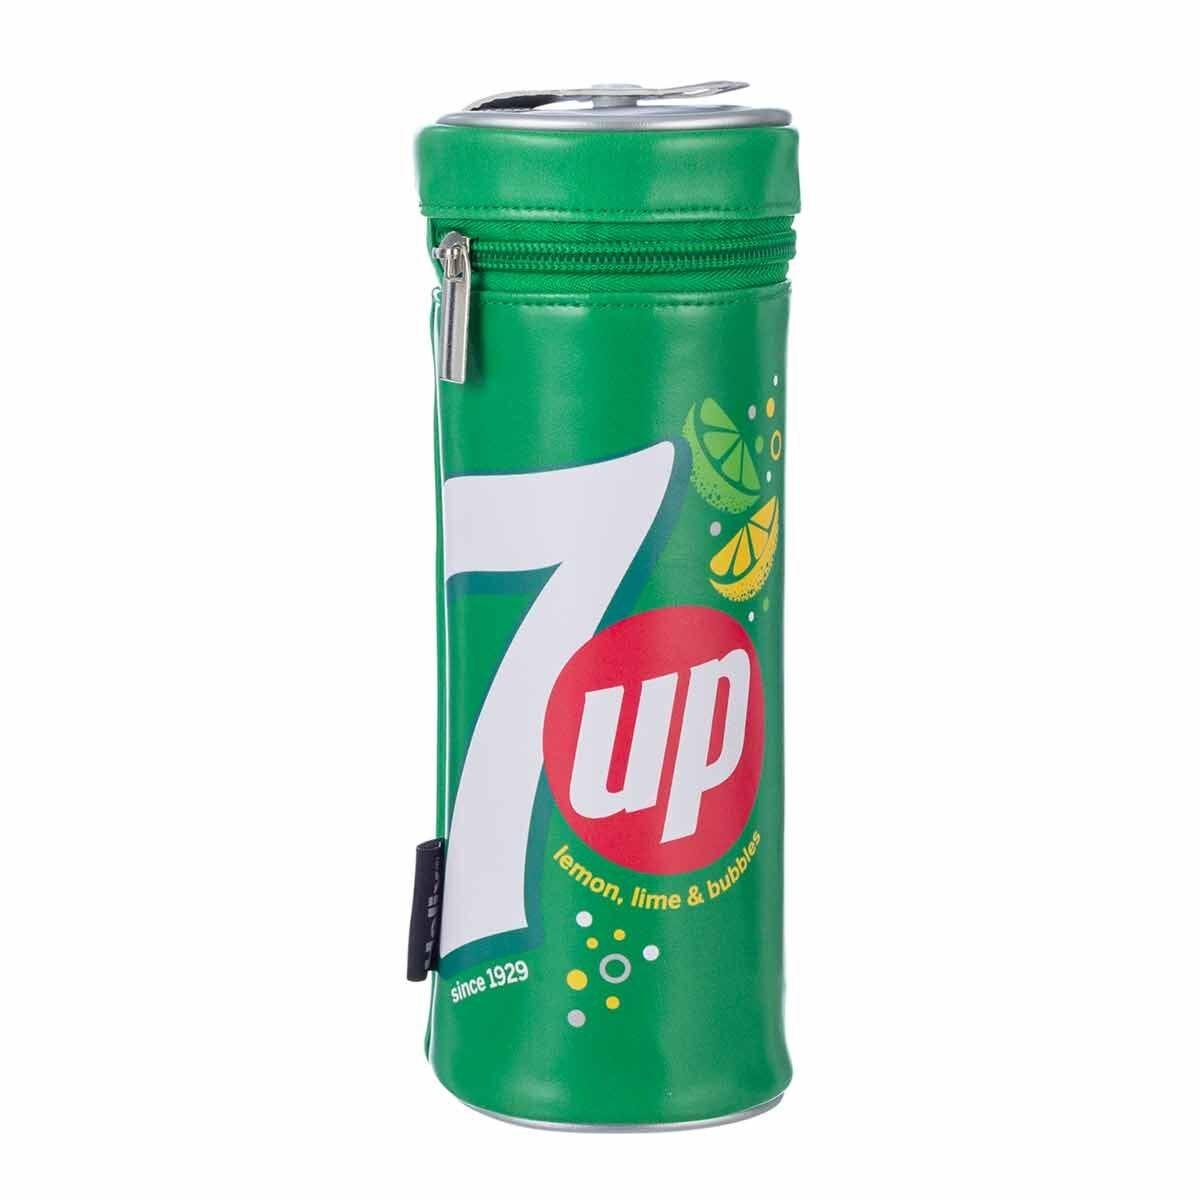 7UP Barrel Pencil Case